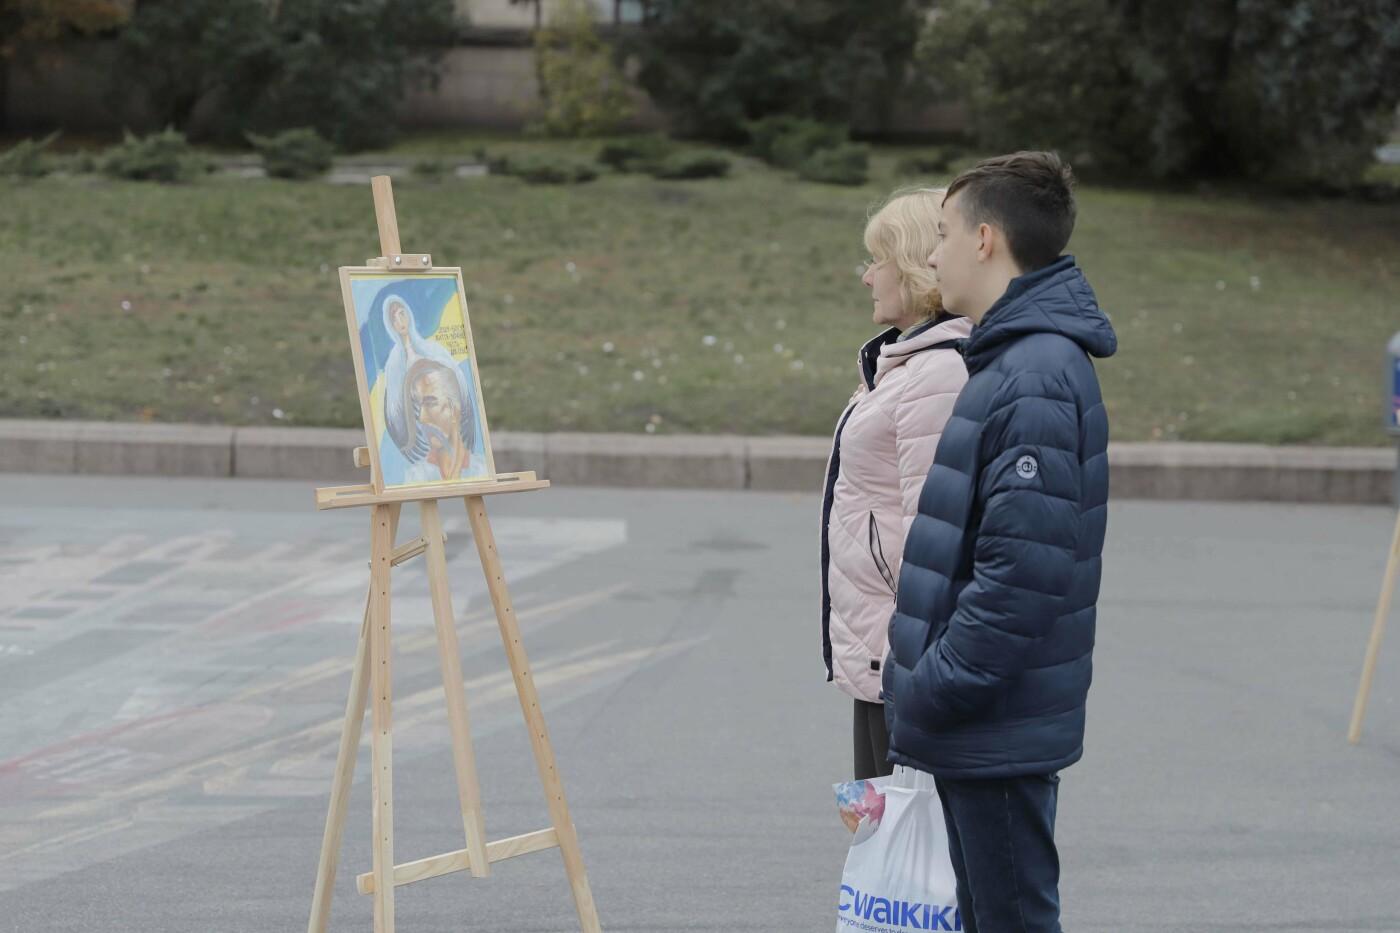 В Днепре ко Дню защитника Украины раздавали бумажные самолетики, фото-2